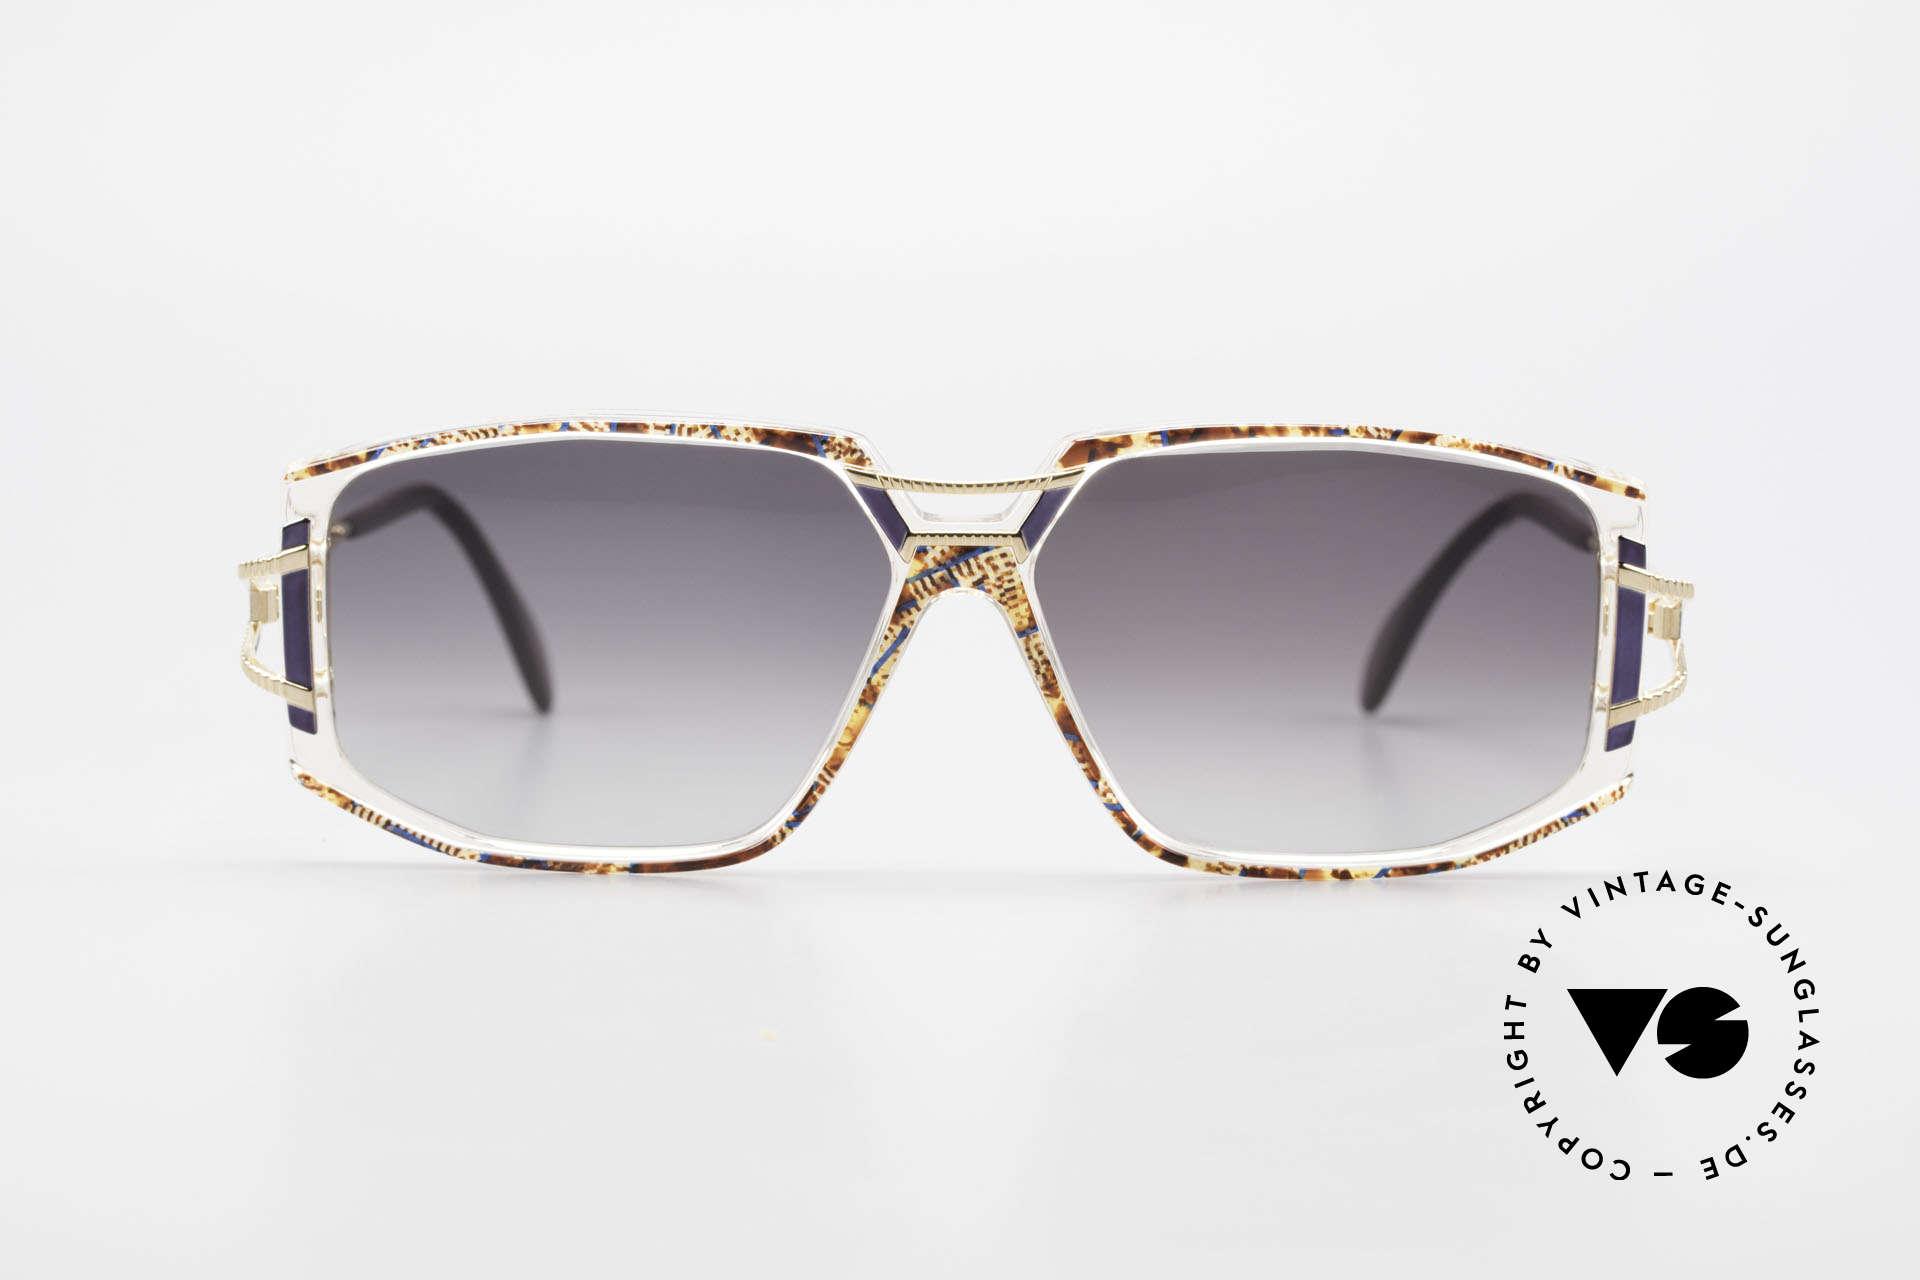 Cazal 362 Original 90er Sonnenbrille, tolle Gestaltung der Bügelgelenke & Rahmenfront, Passend für Damen